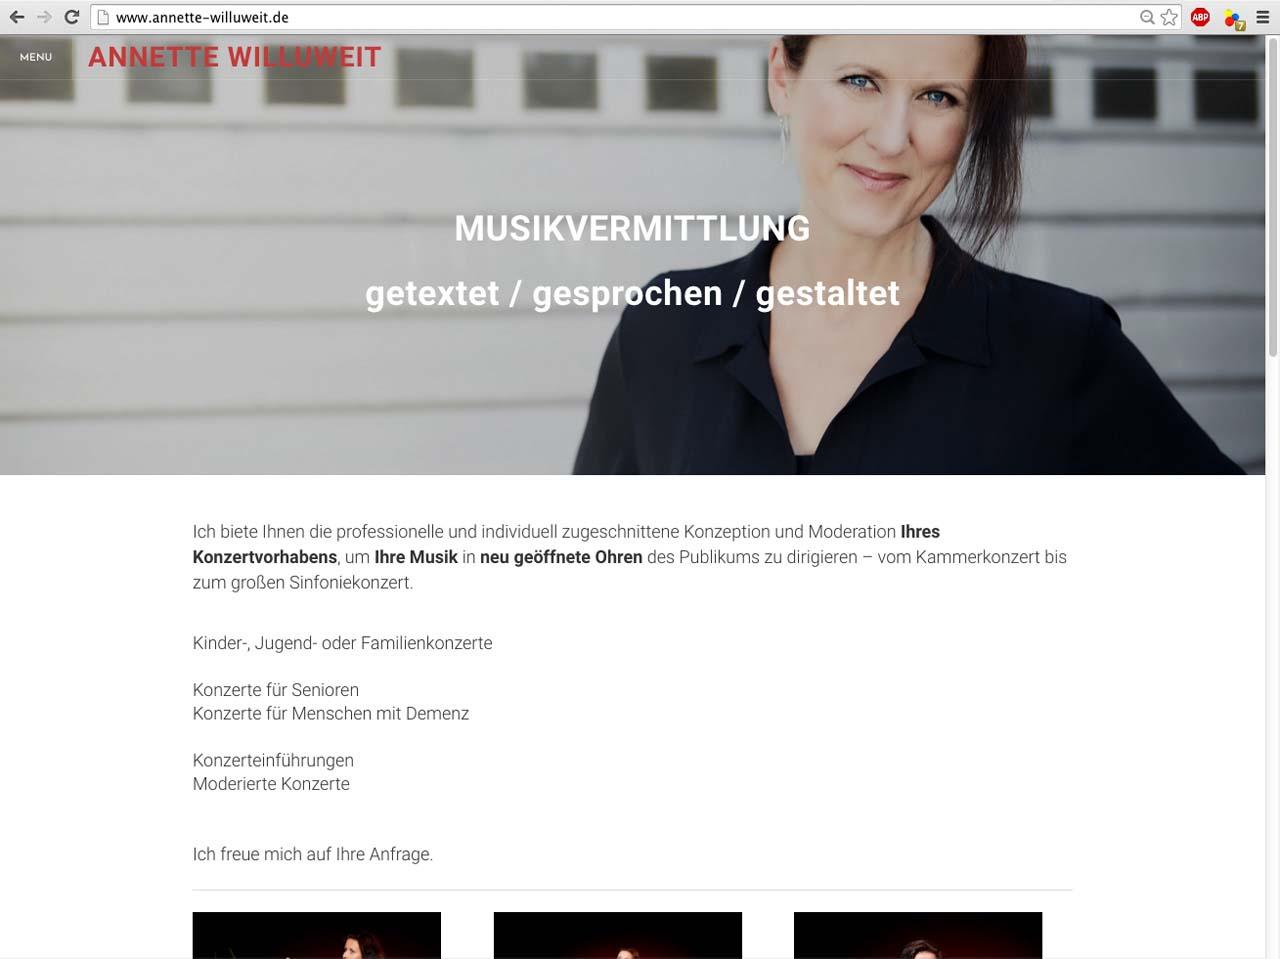 Website Design für Annette Willuweit